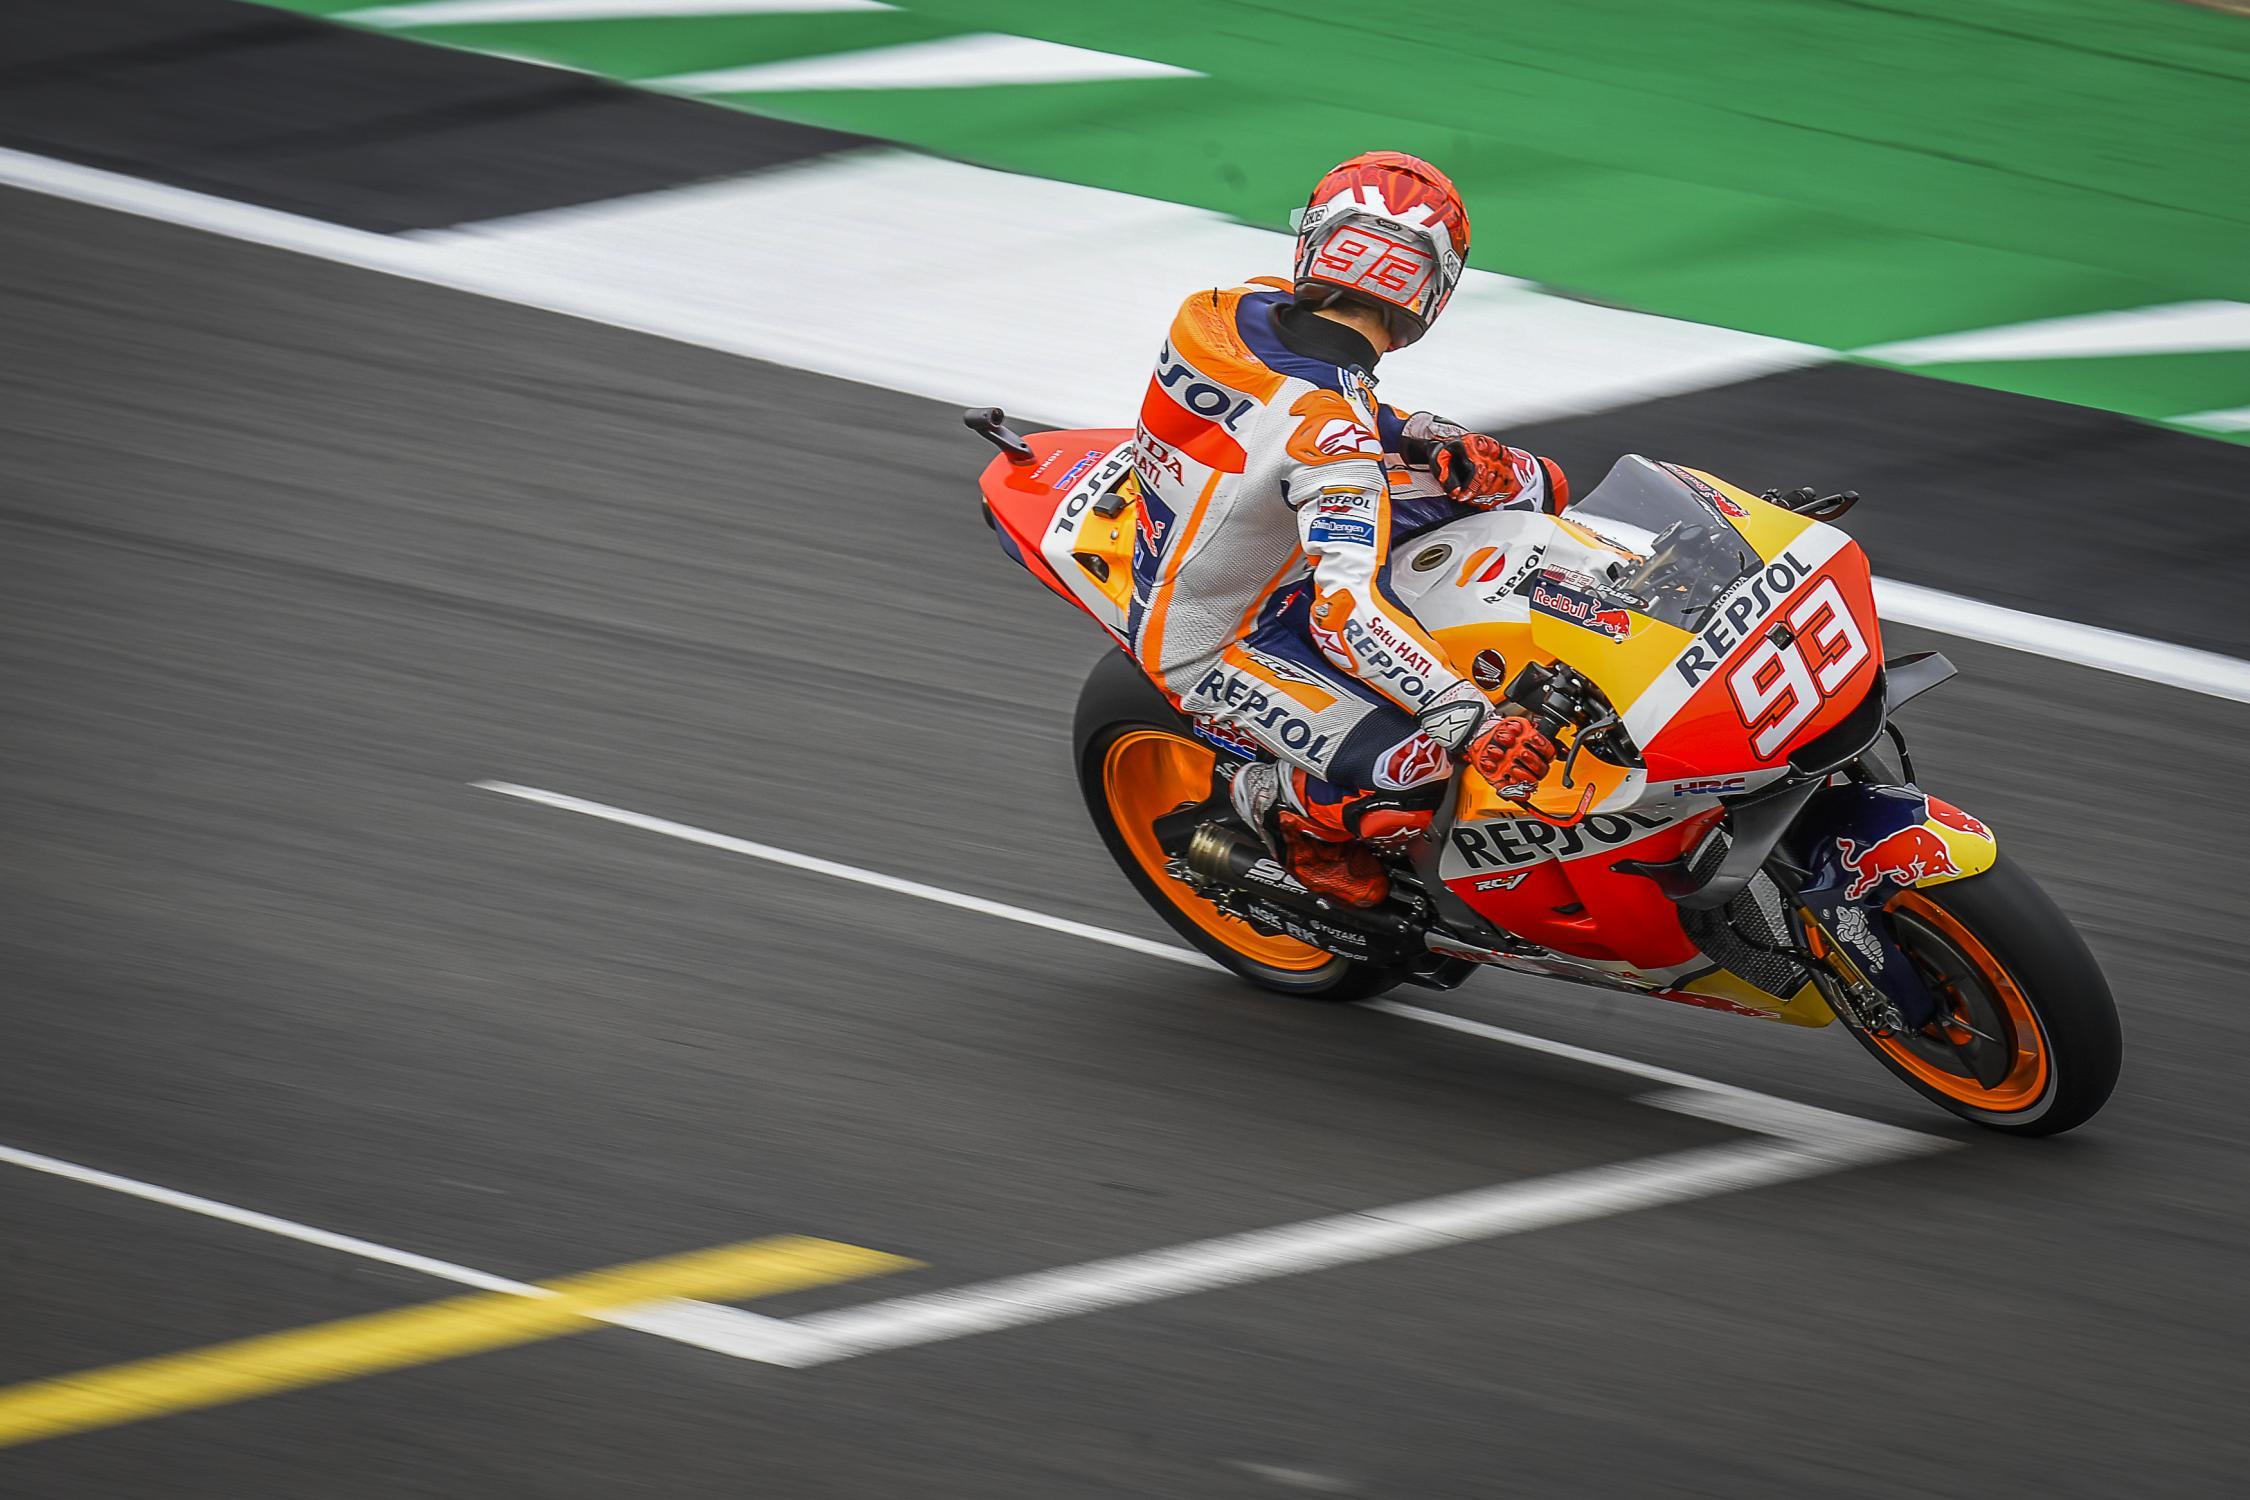 FP1 di Silverstone: Marc Marquez piazza il miglior tempo e poi finisce a terra a 270 km/h.